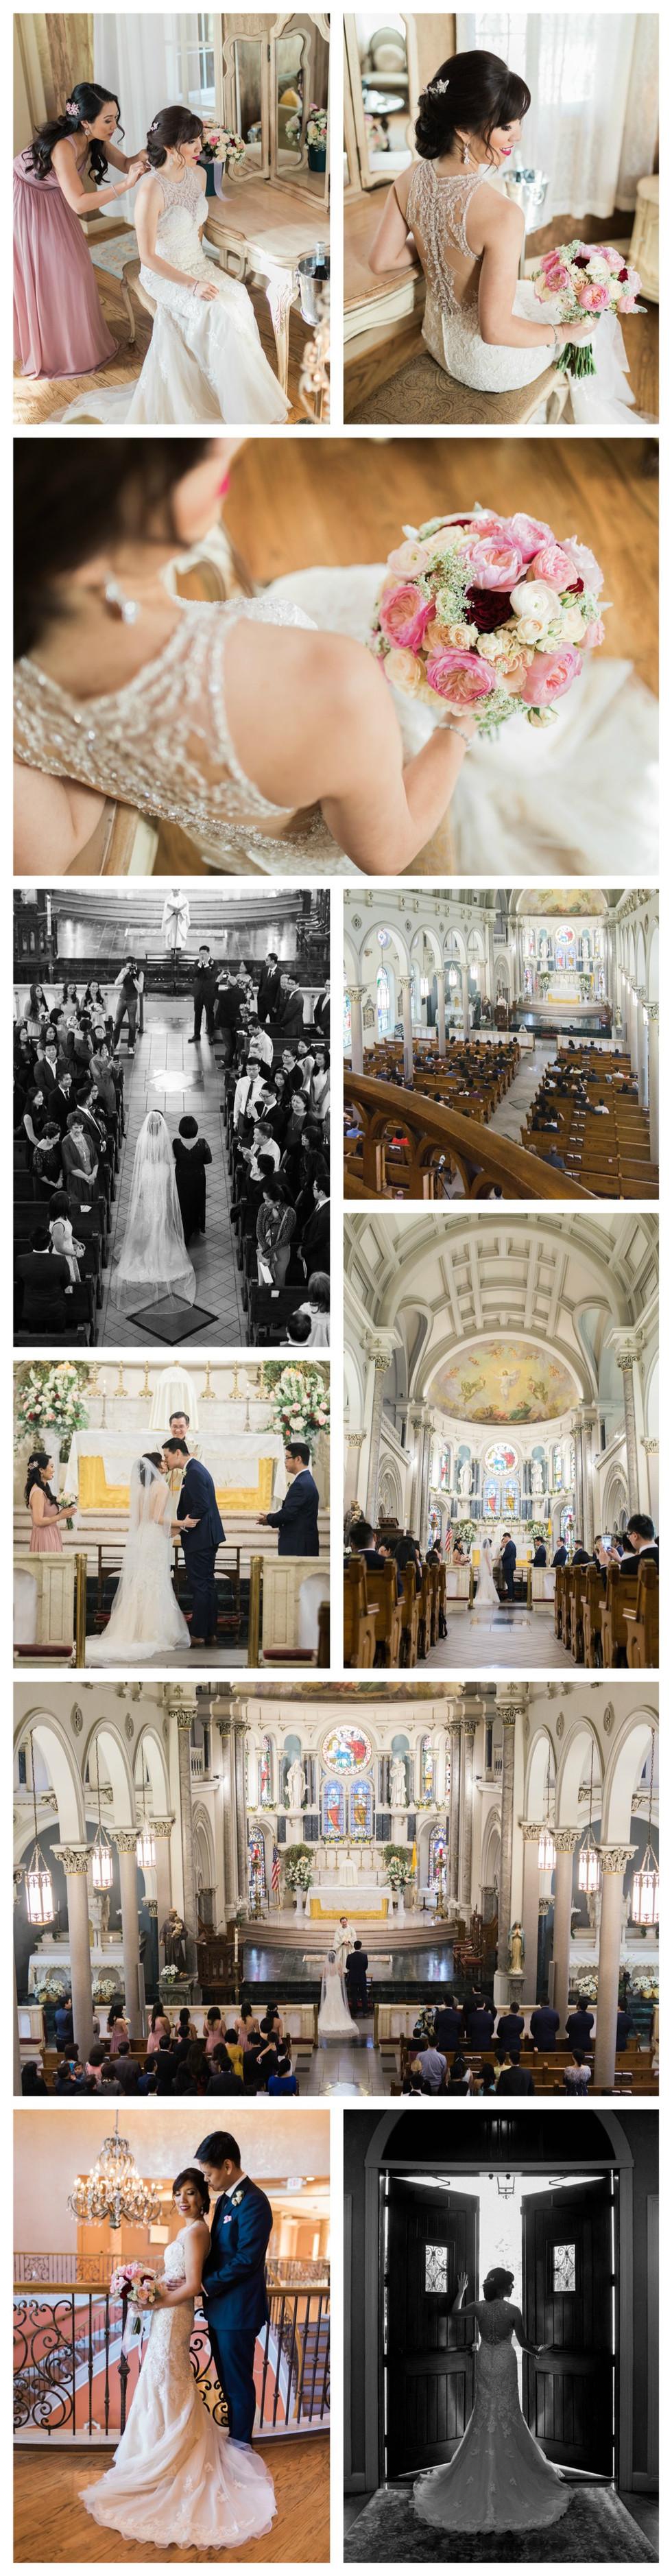 Katherine & Wey's Wedding Photo Journal